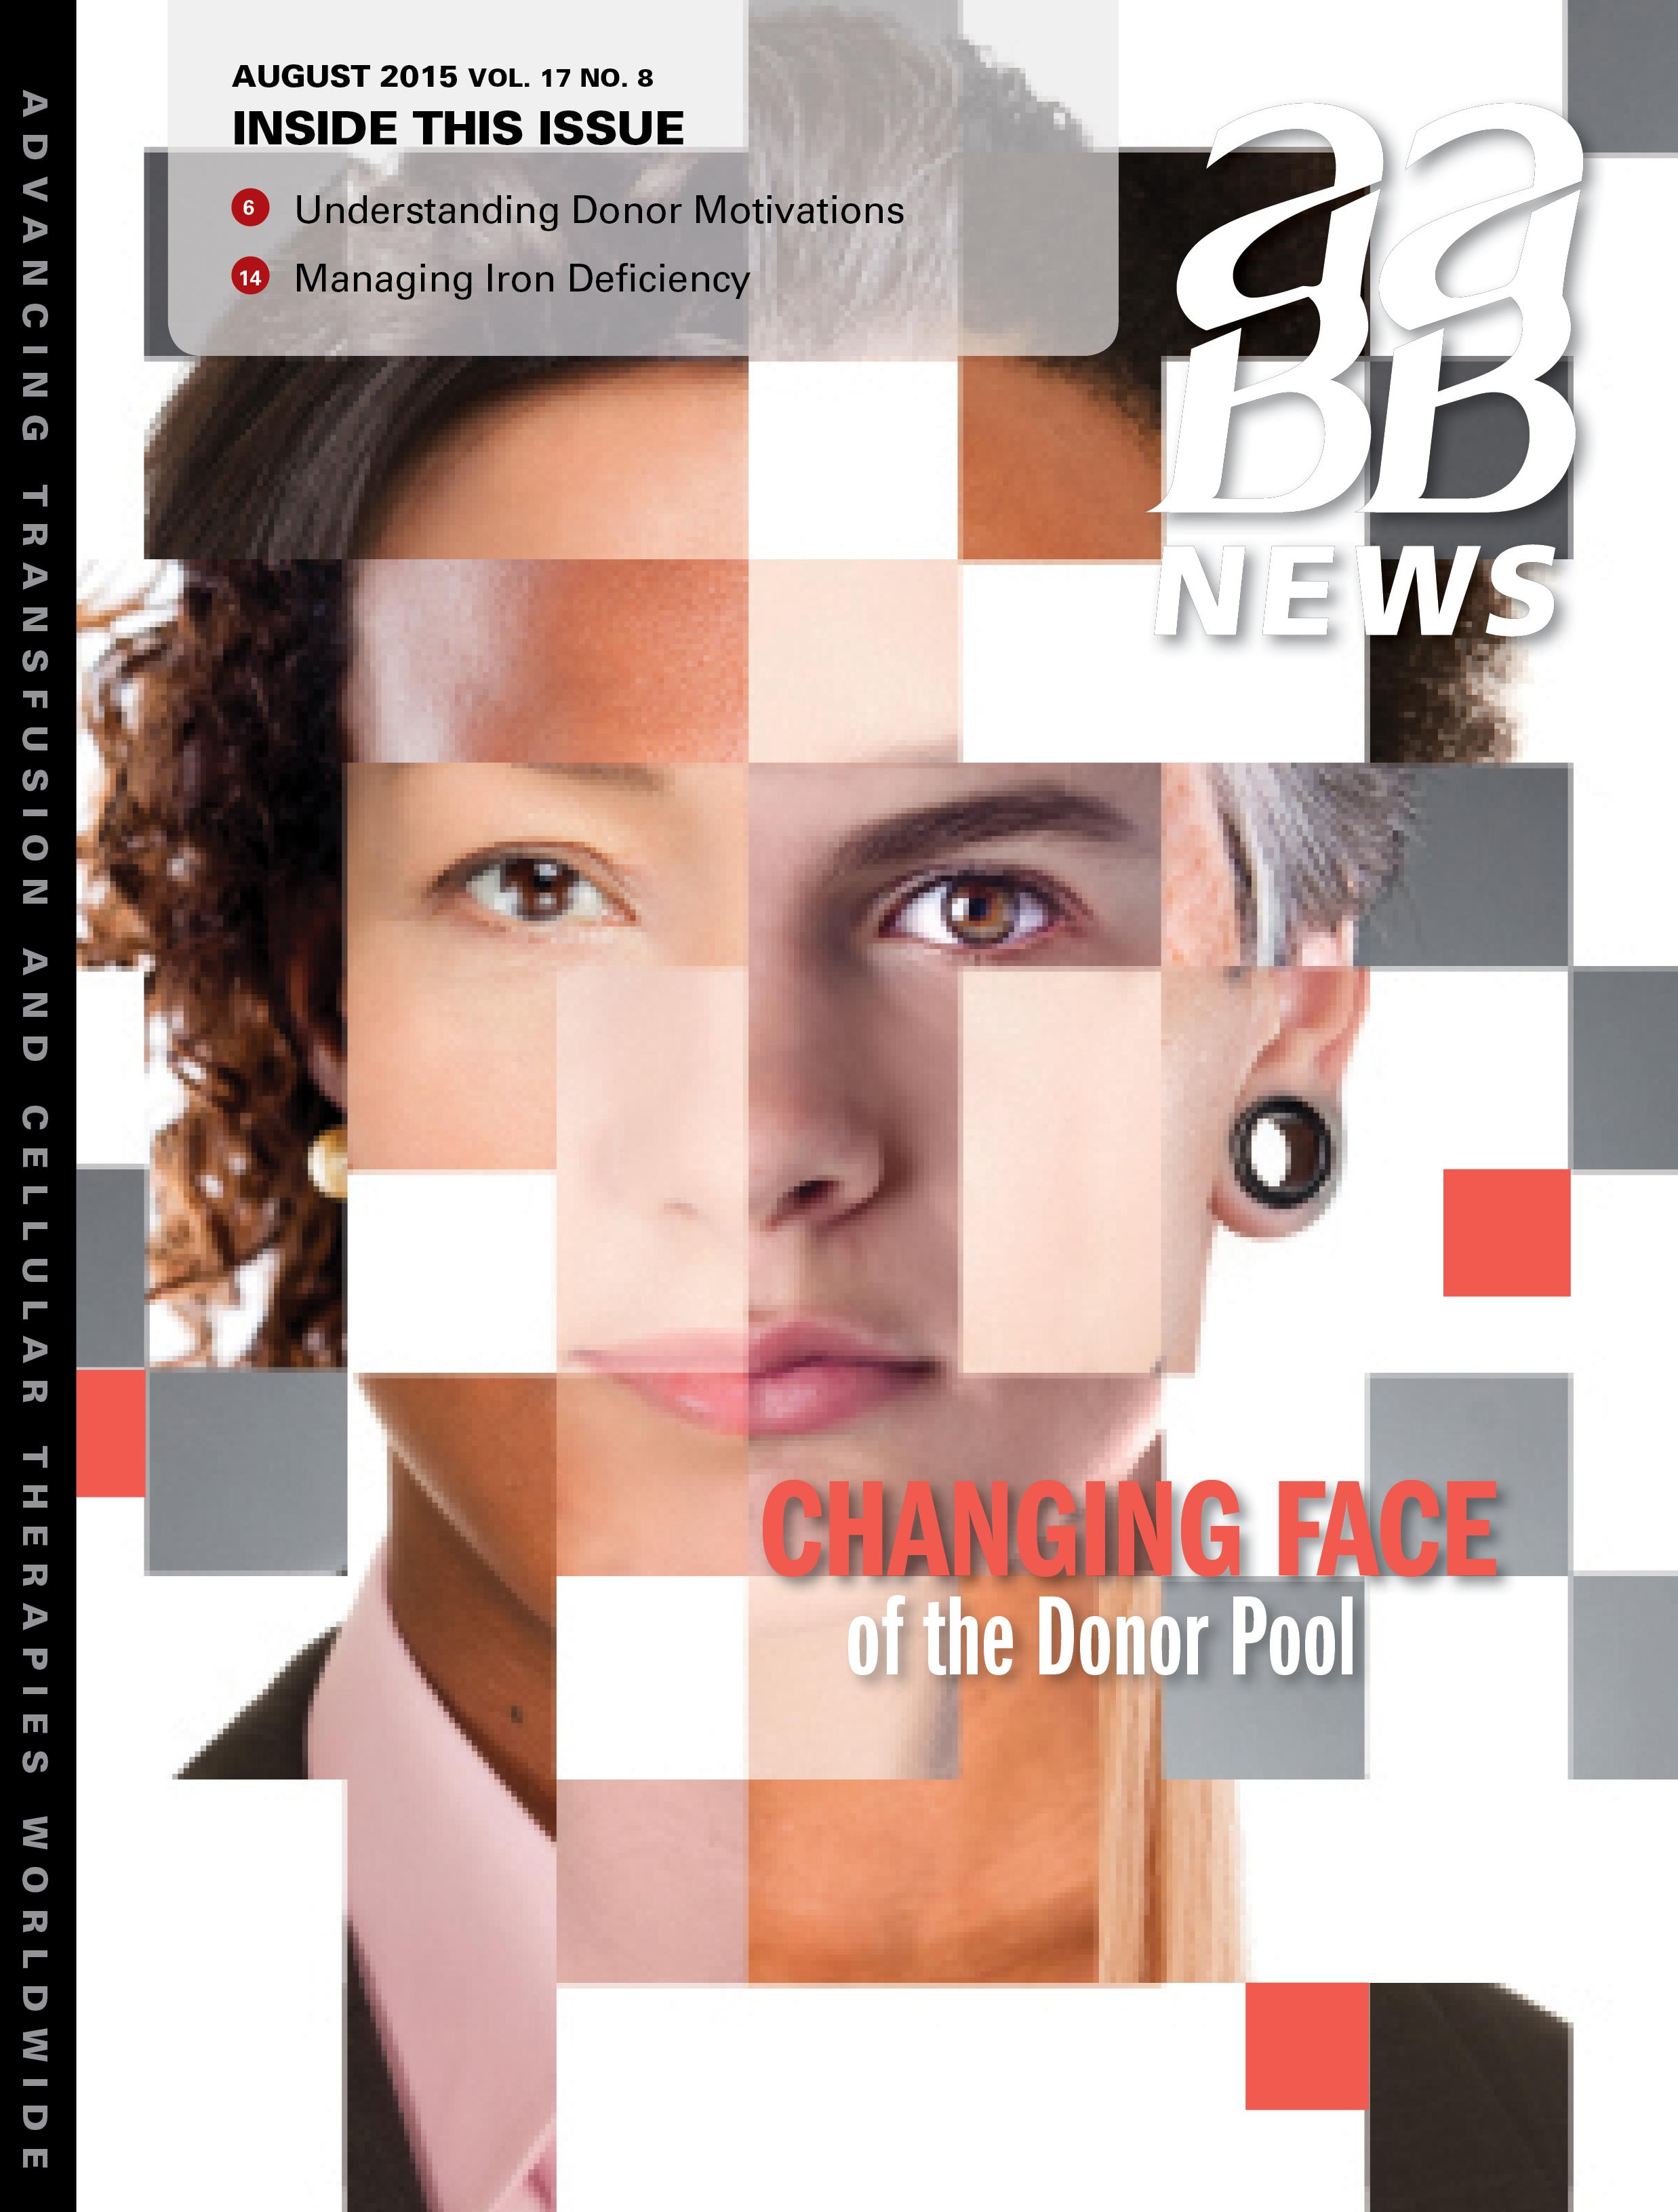 006_r1_AABB News_Aug2015_FINAL.png